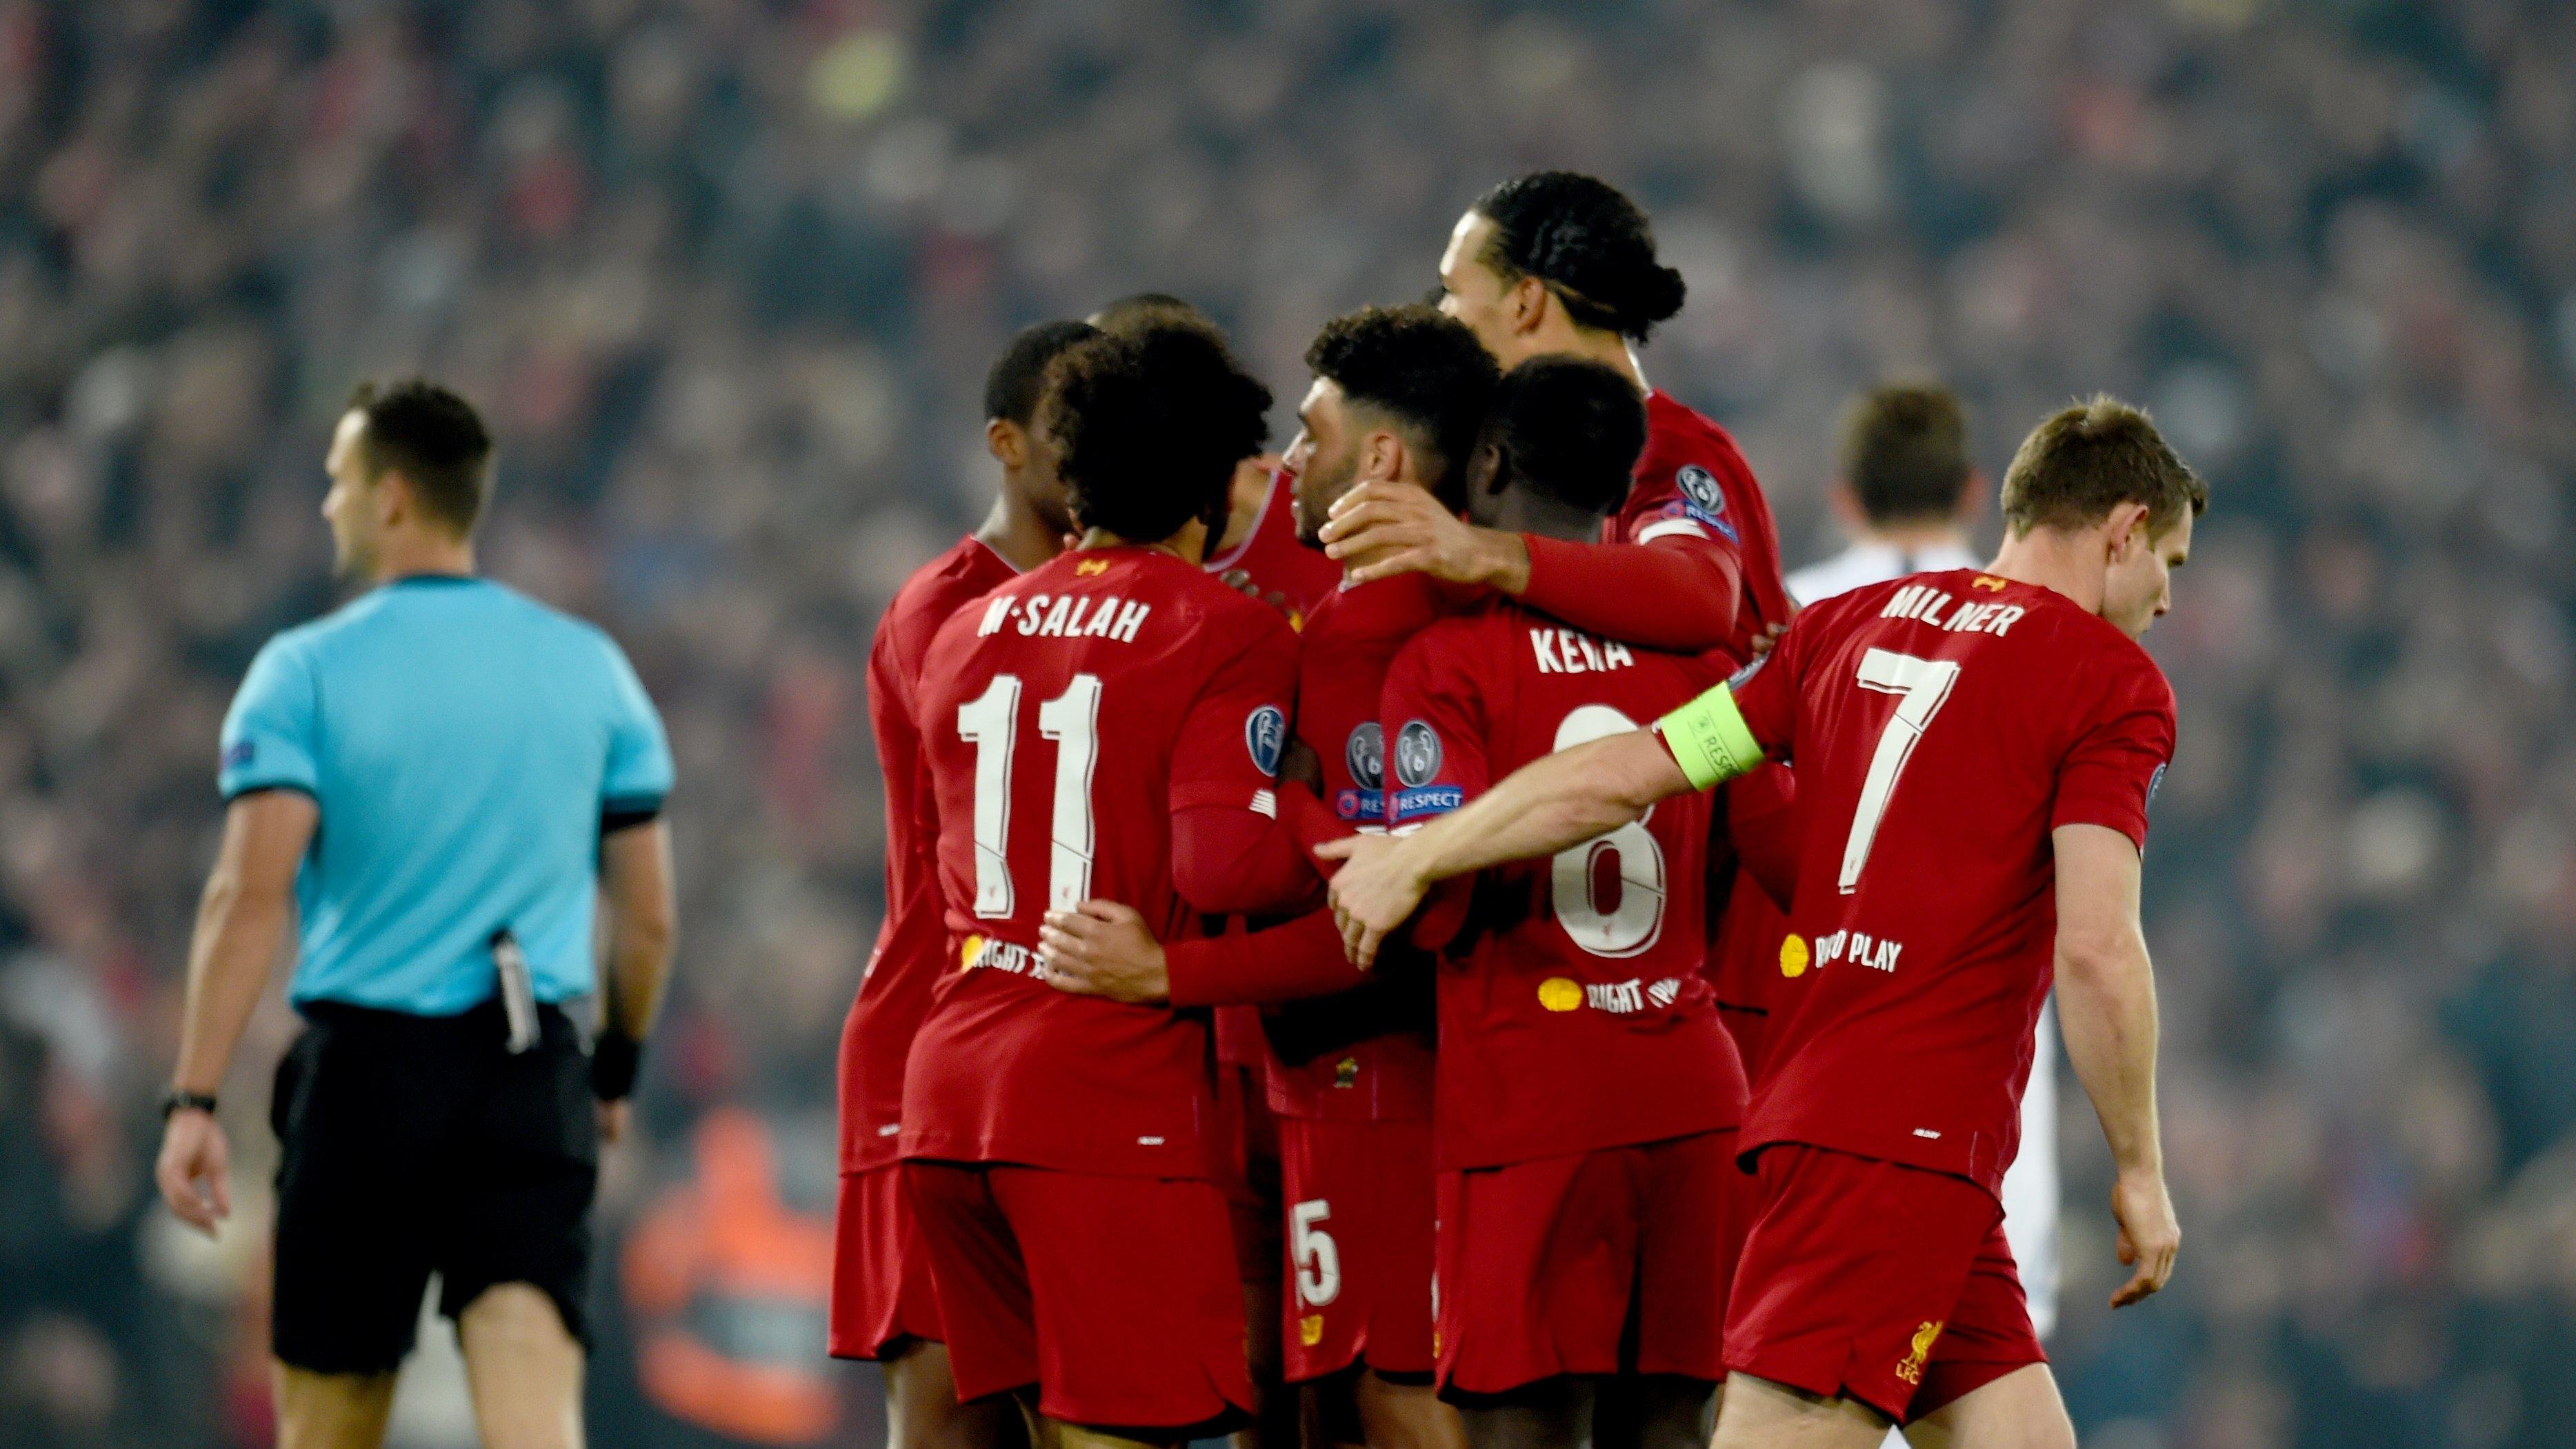 Манчестер сити ливерпуль смотреть весь матч